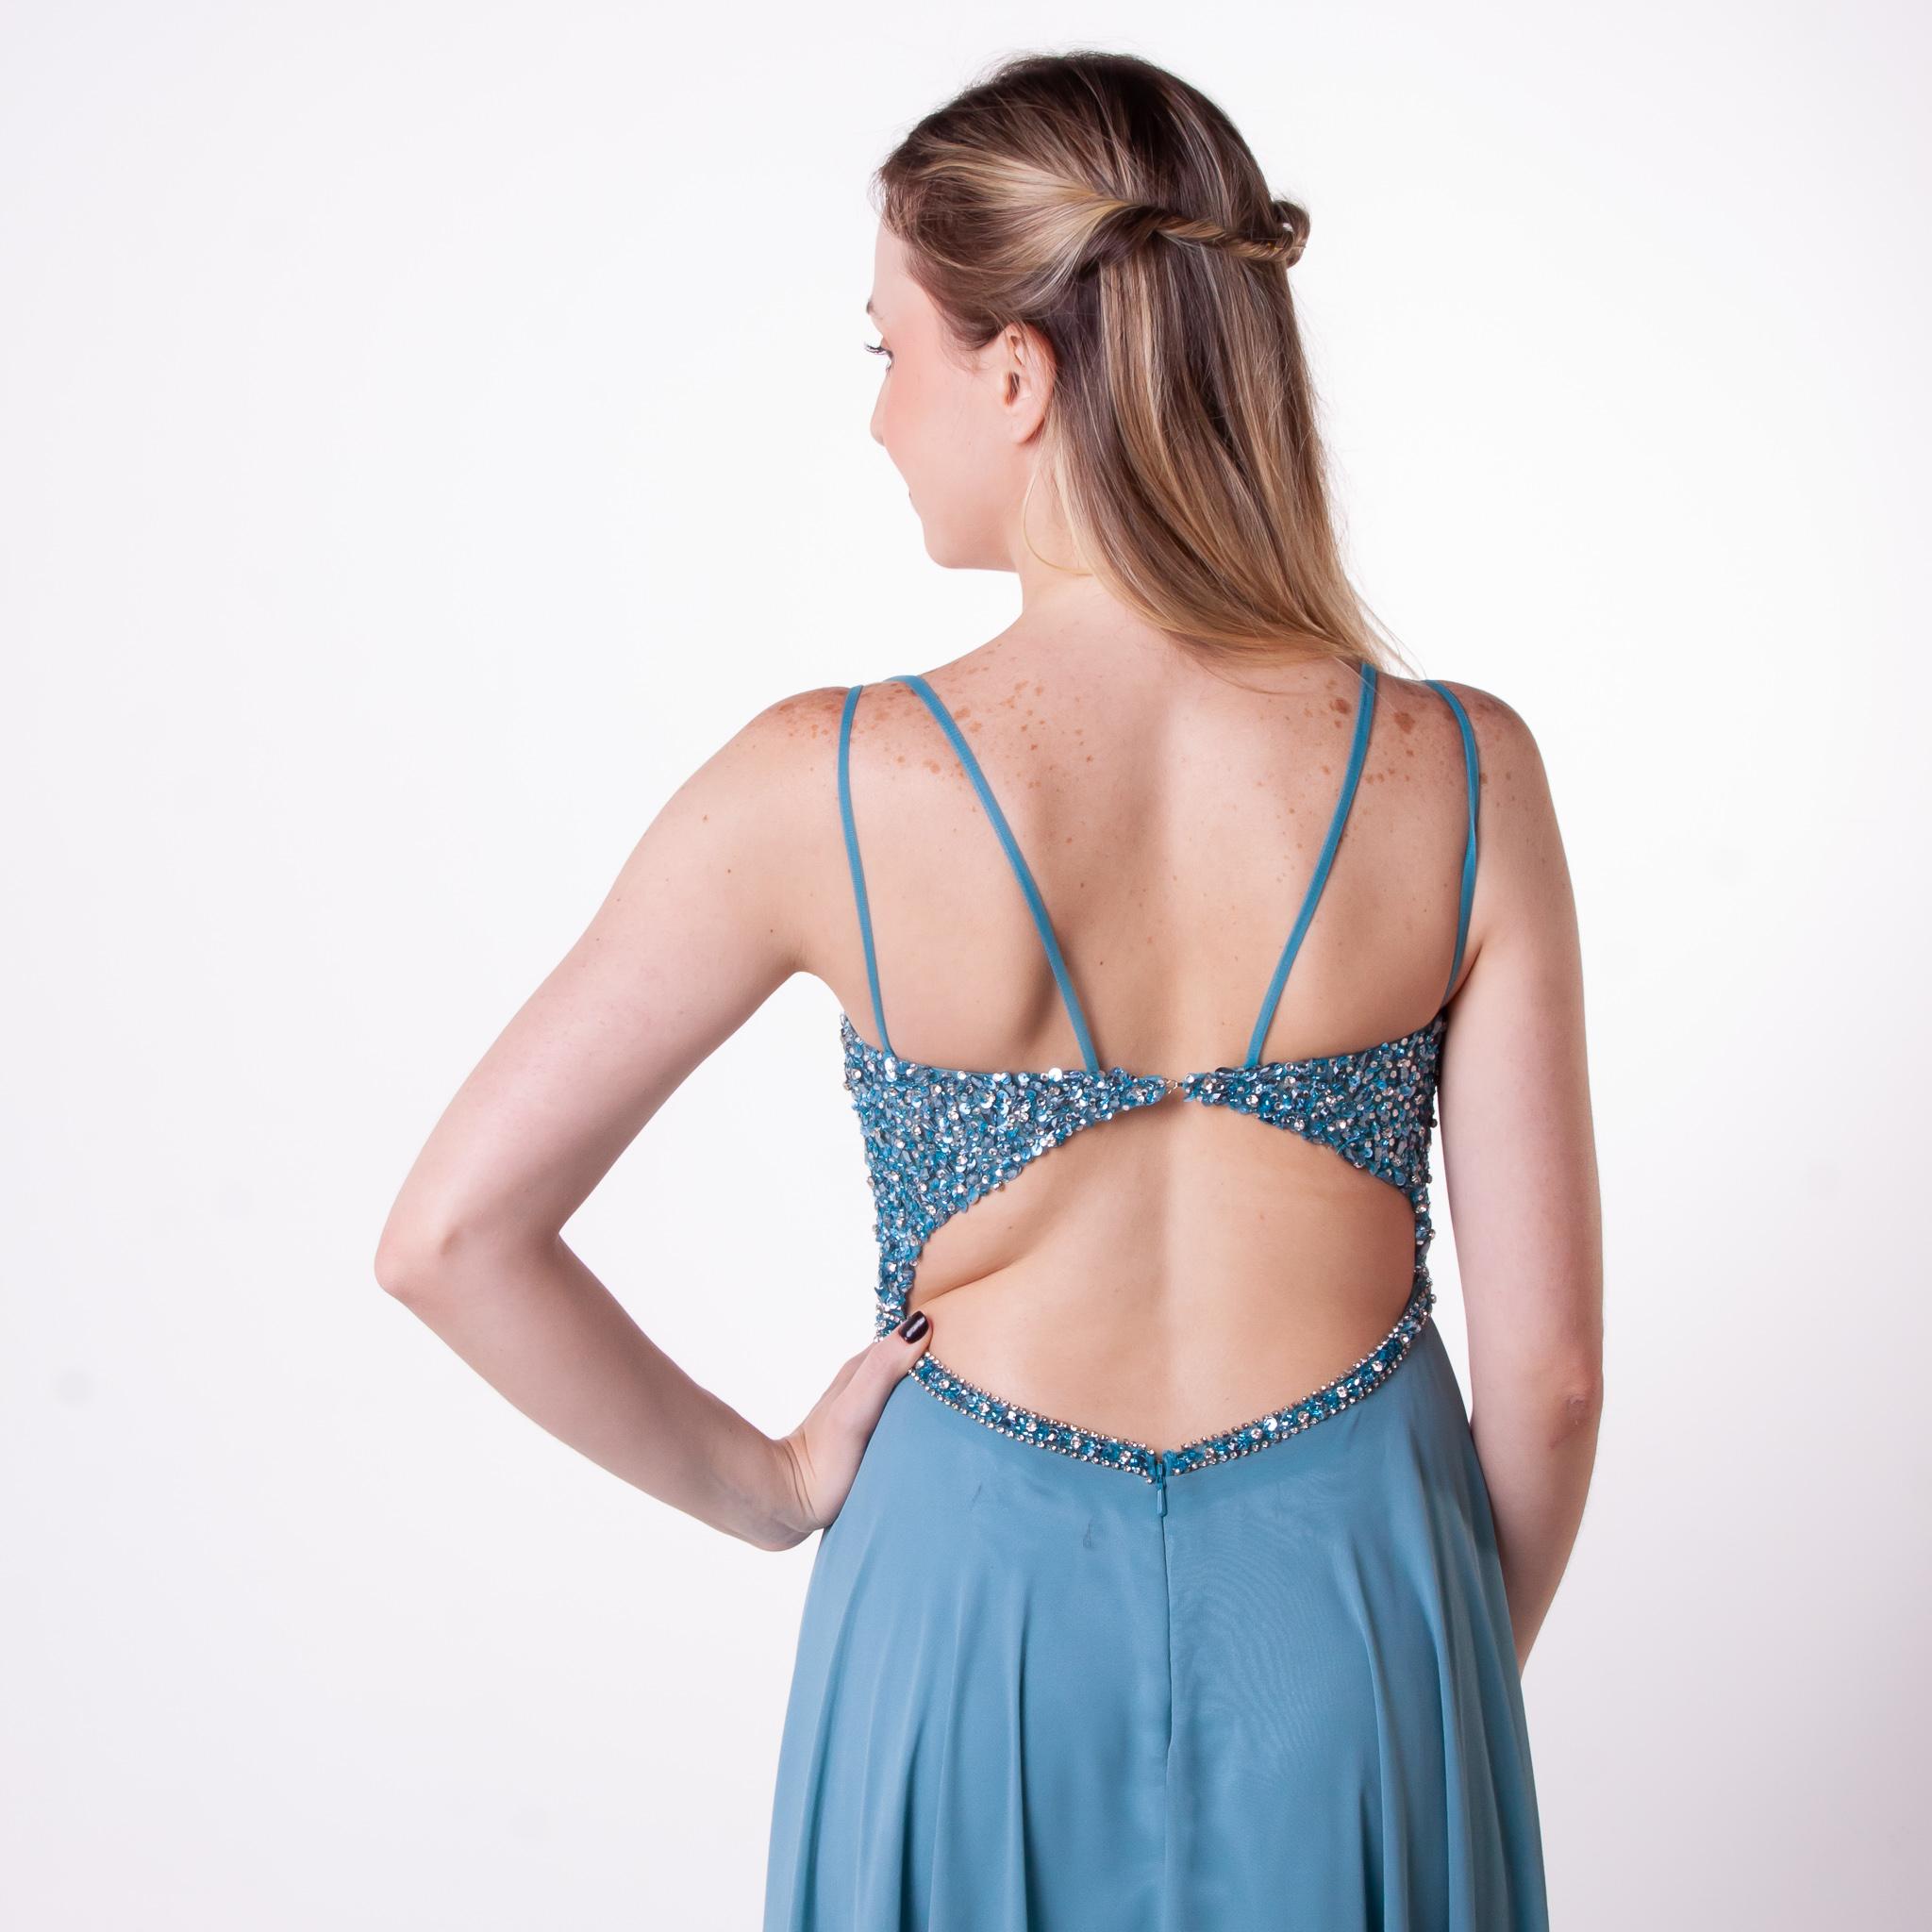 53 - vestido azul serenity com brilho e detalhe nas costas